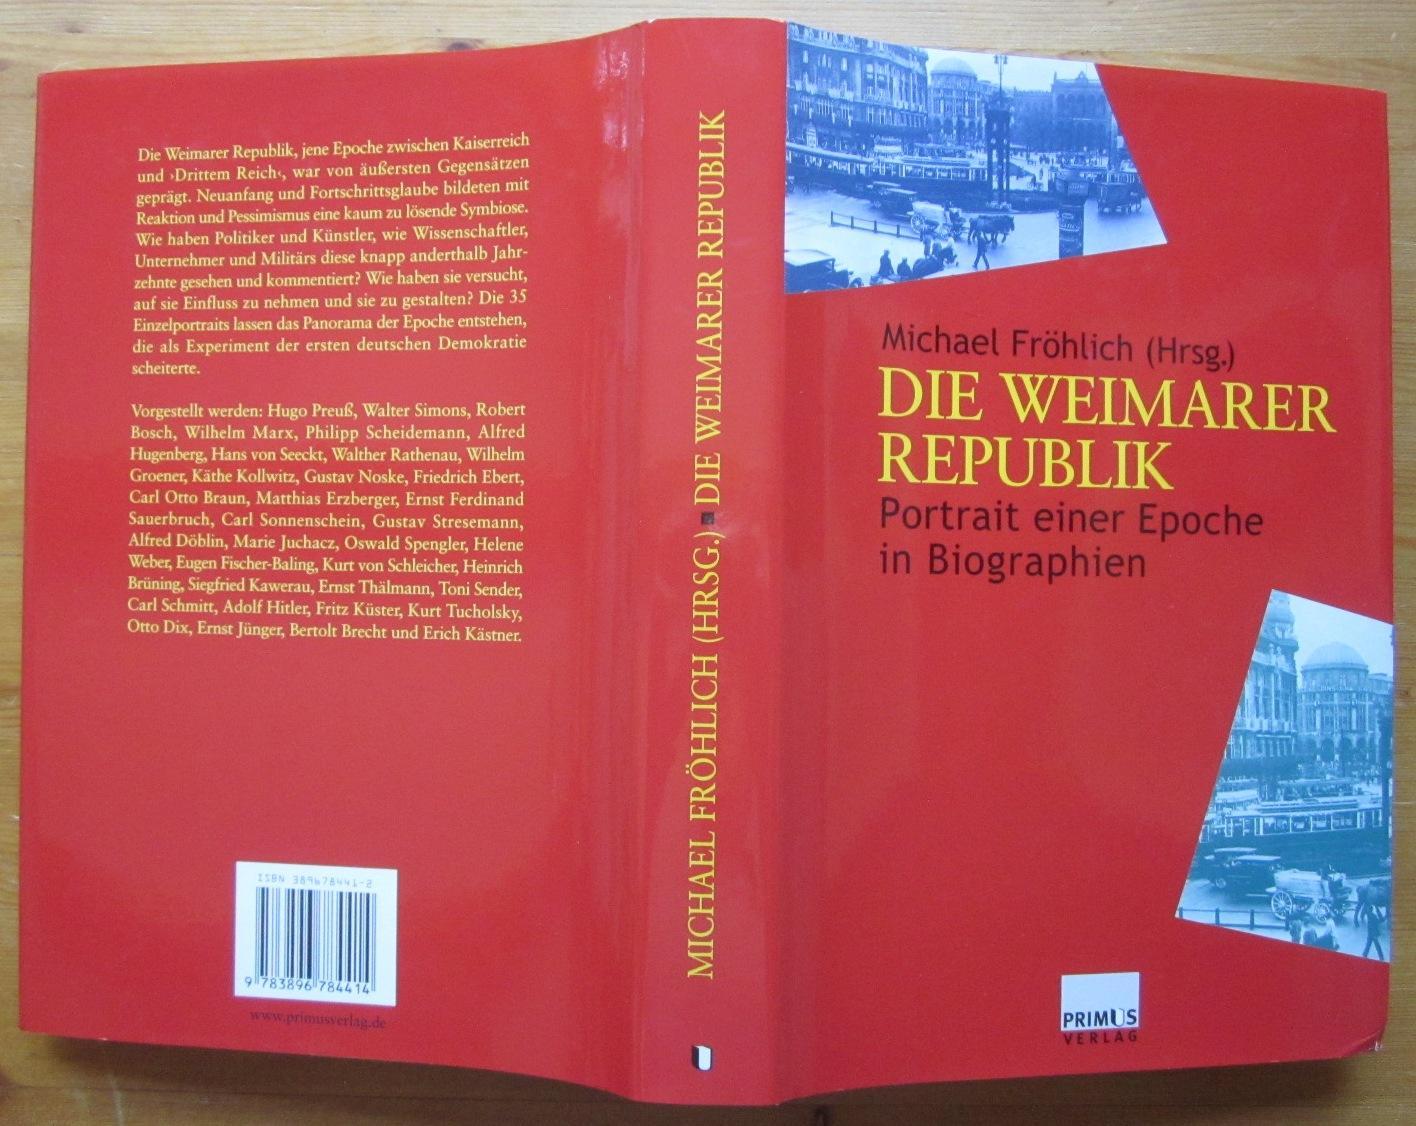 Die Weimarer Republik. Portrait einer Epoche in: Fröhlich, Michael: